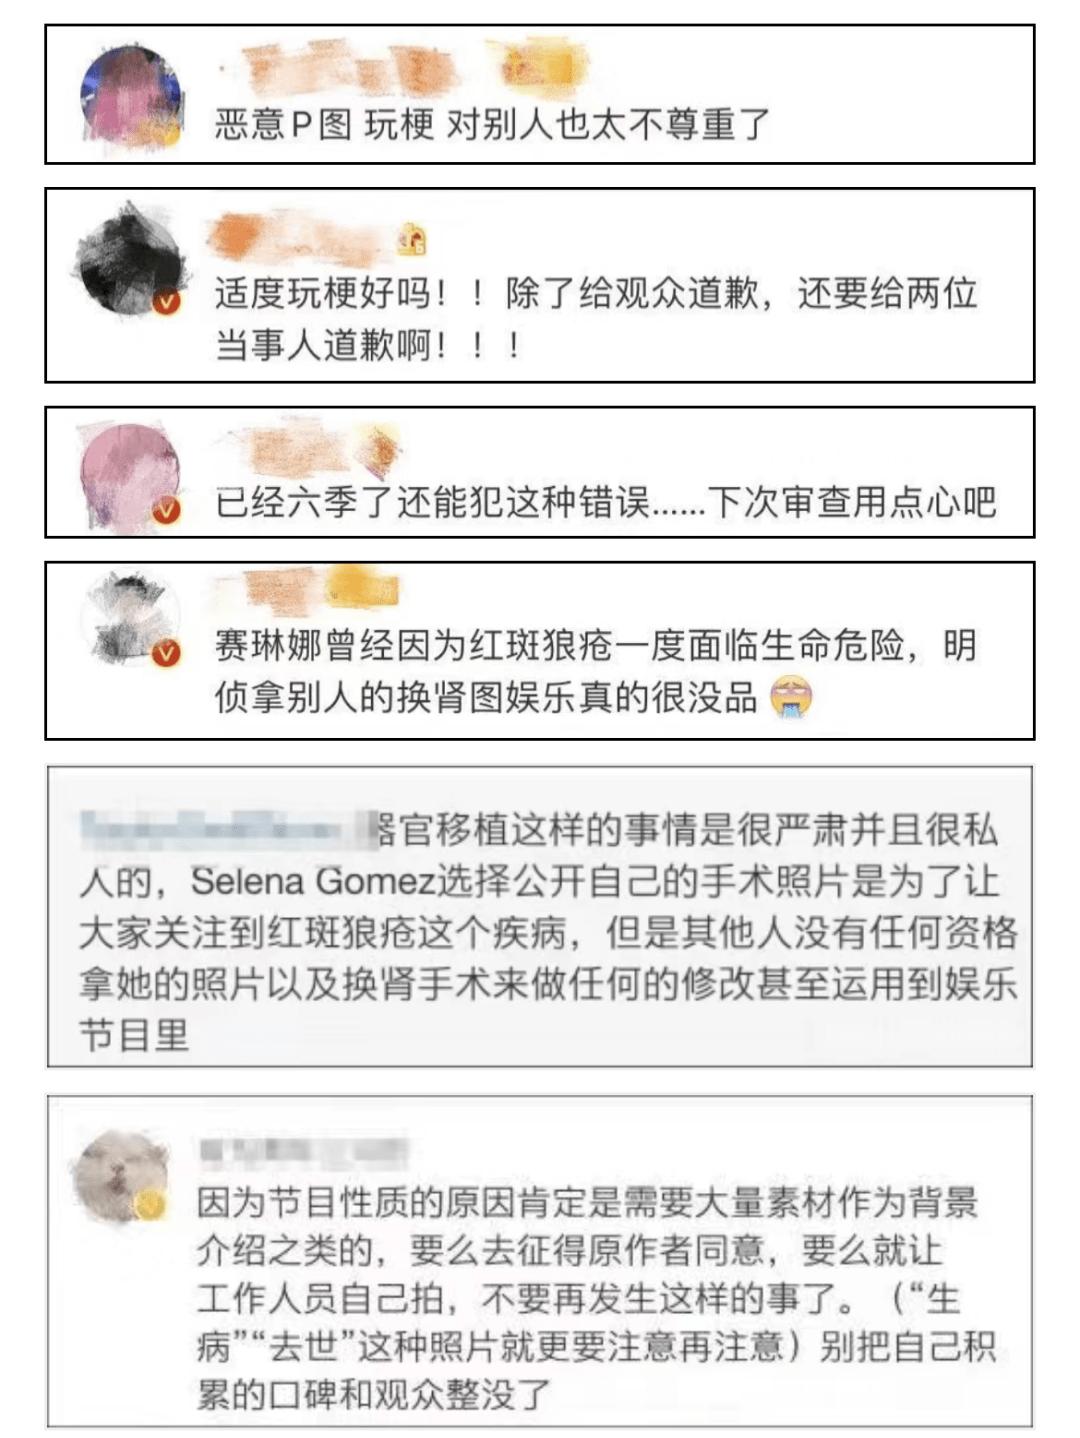 知名综艺节目摊上事了,被网友骂上热搜